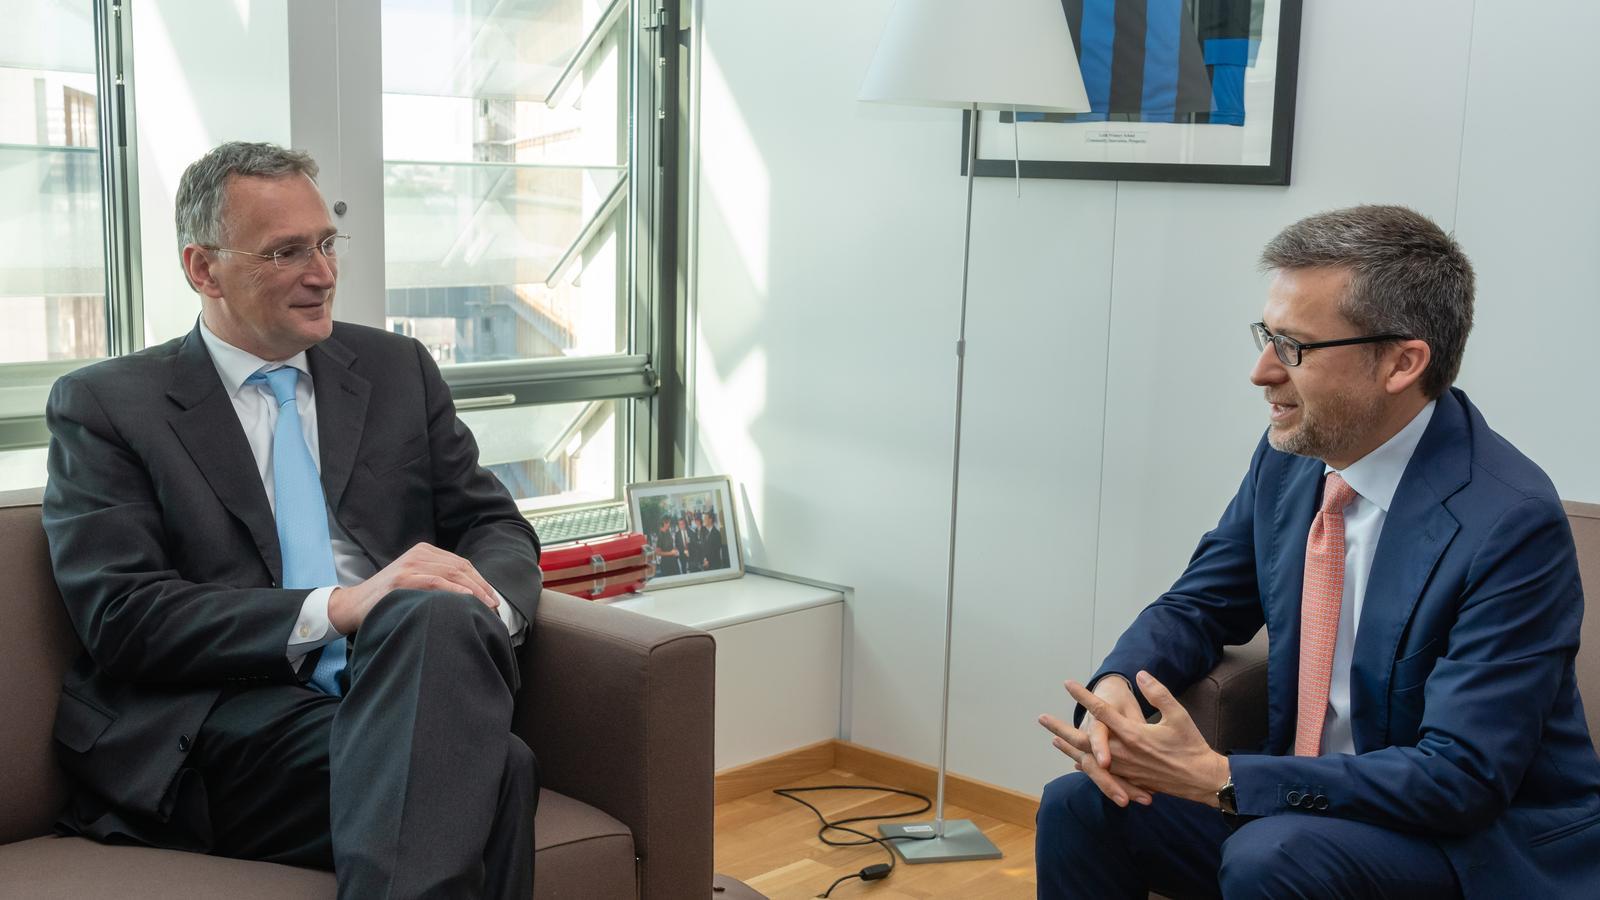 Dimiteix el cap del comitè científic de la UE enmig de dures crítiques dels seus col·legues